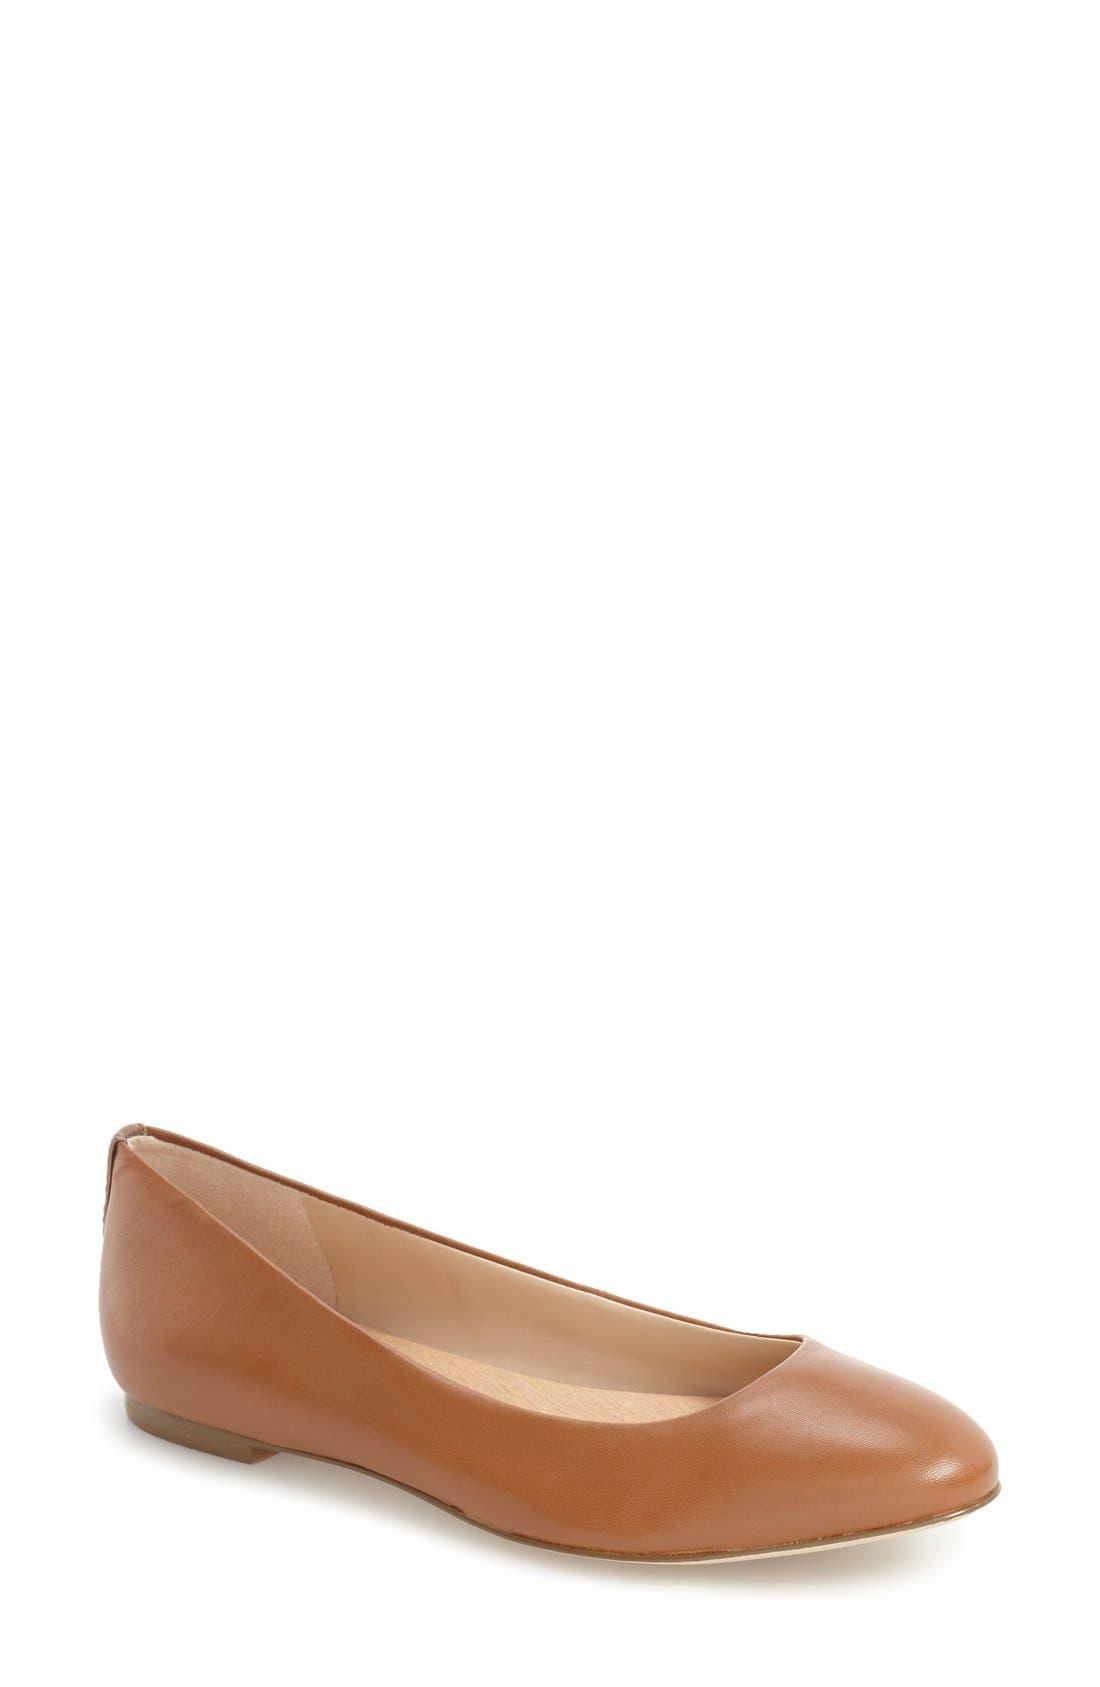 Vixen Ballet Flat,                         Main,                         color, Saddle Leather